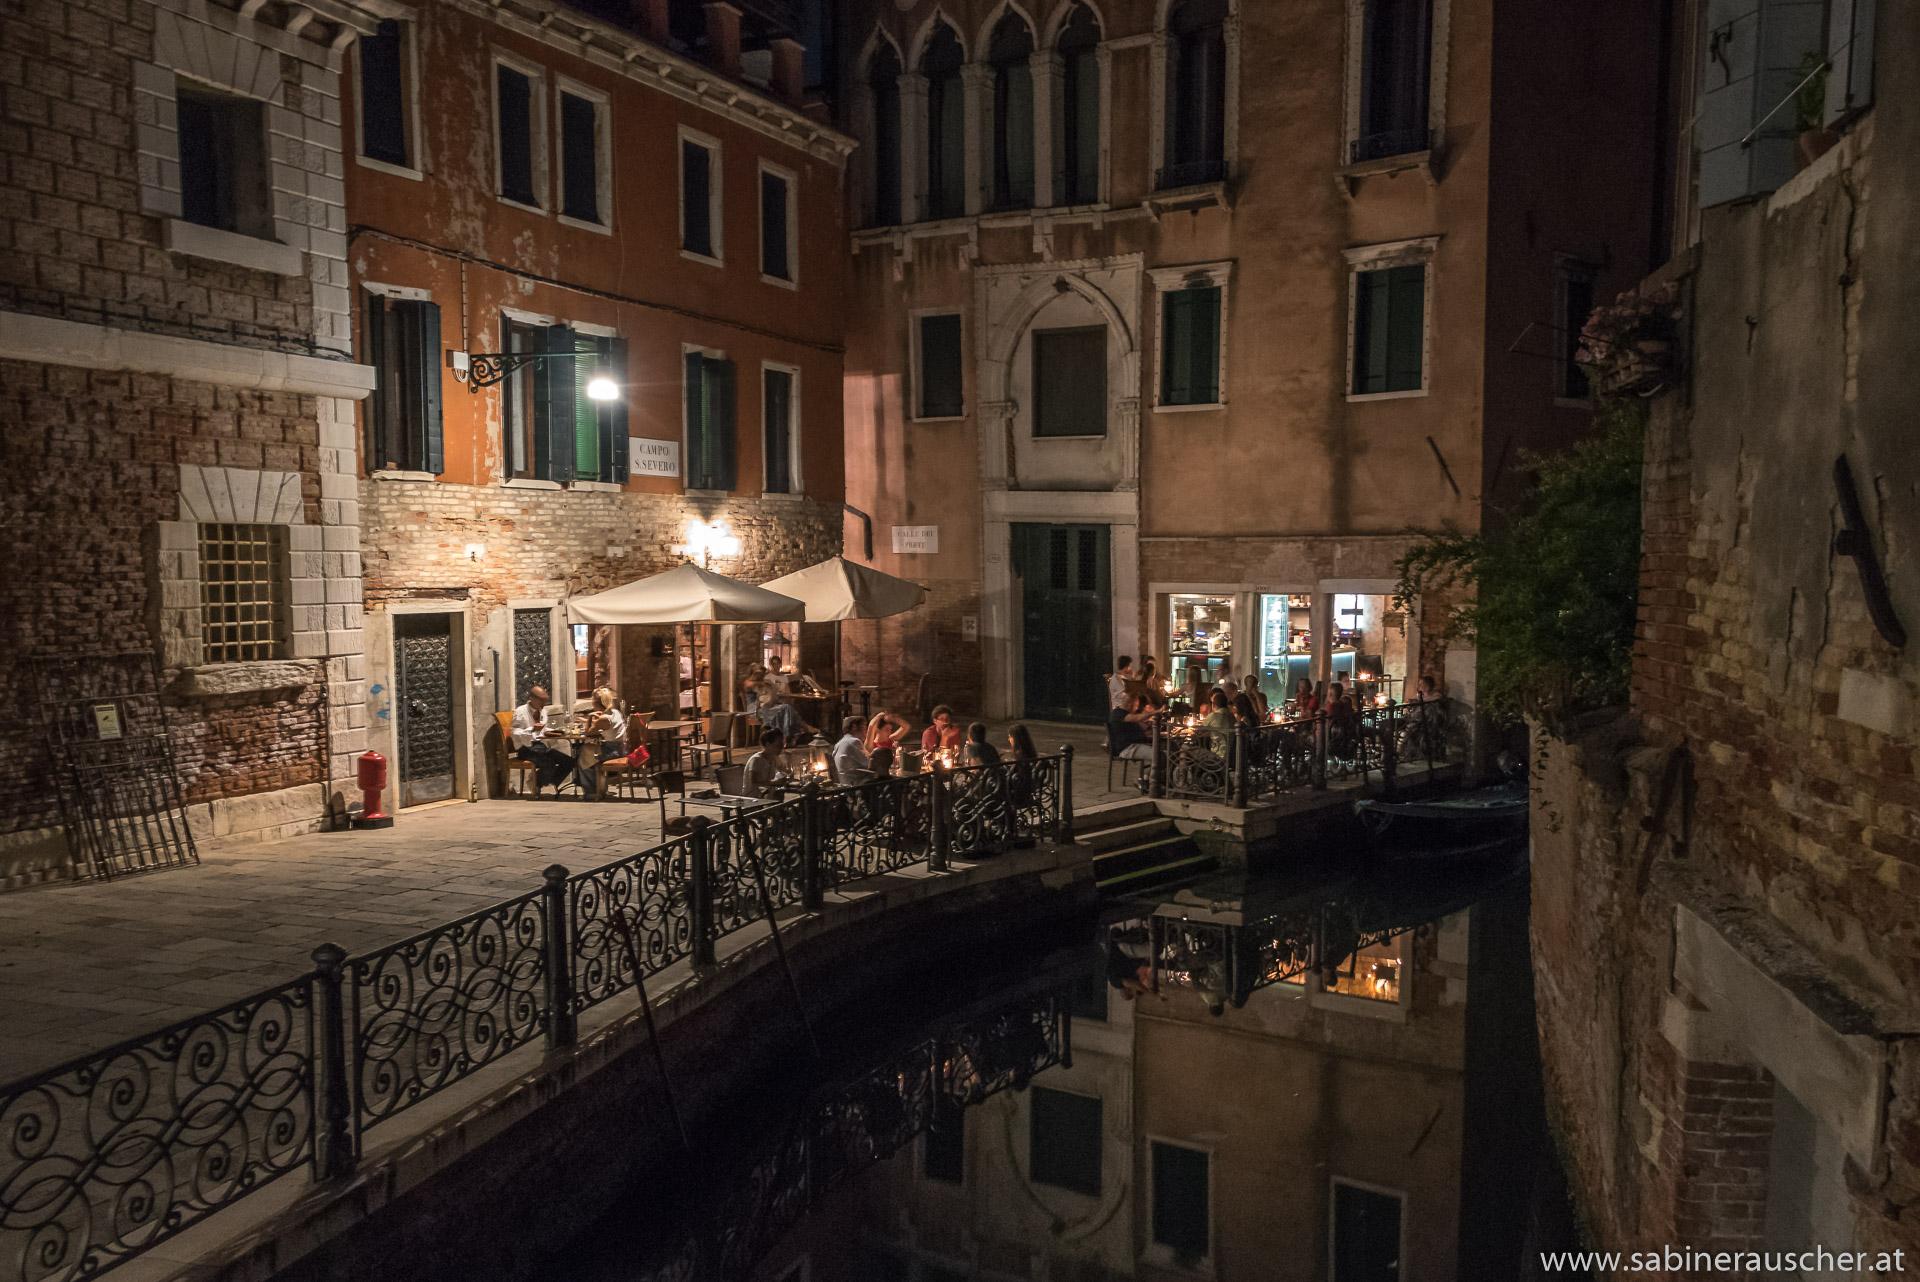 Venice - dinner at a small piazza | Venedig - Dinner an einem kleinen Kanal